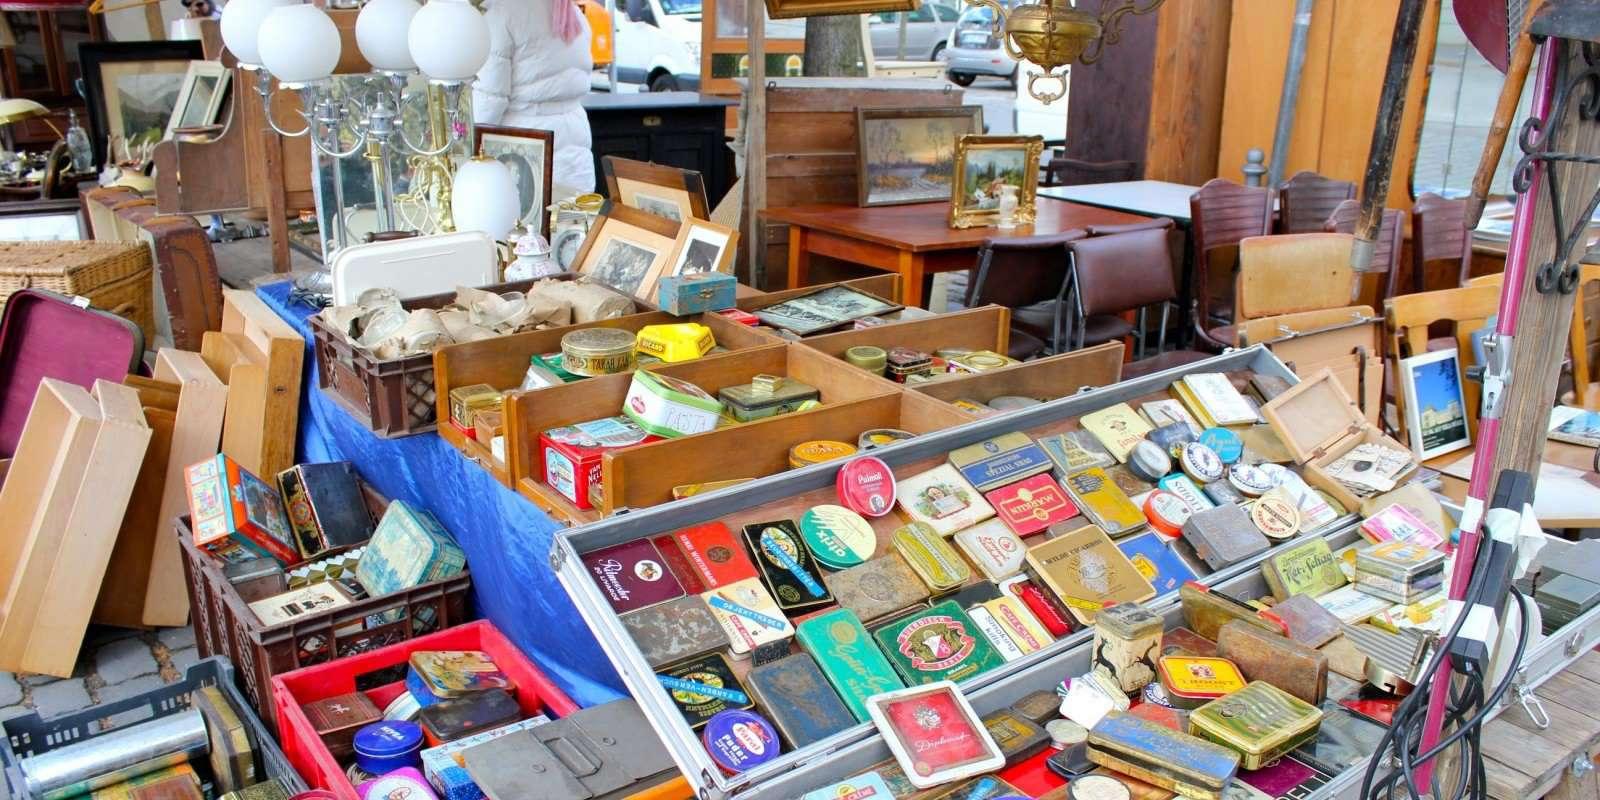 mercatino di Artigianato e Collezionismo milano